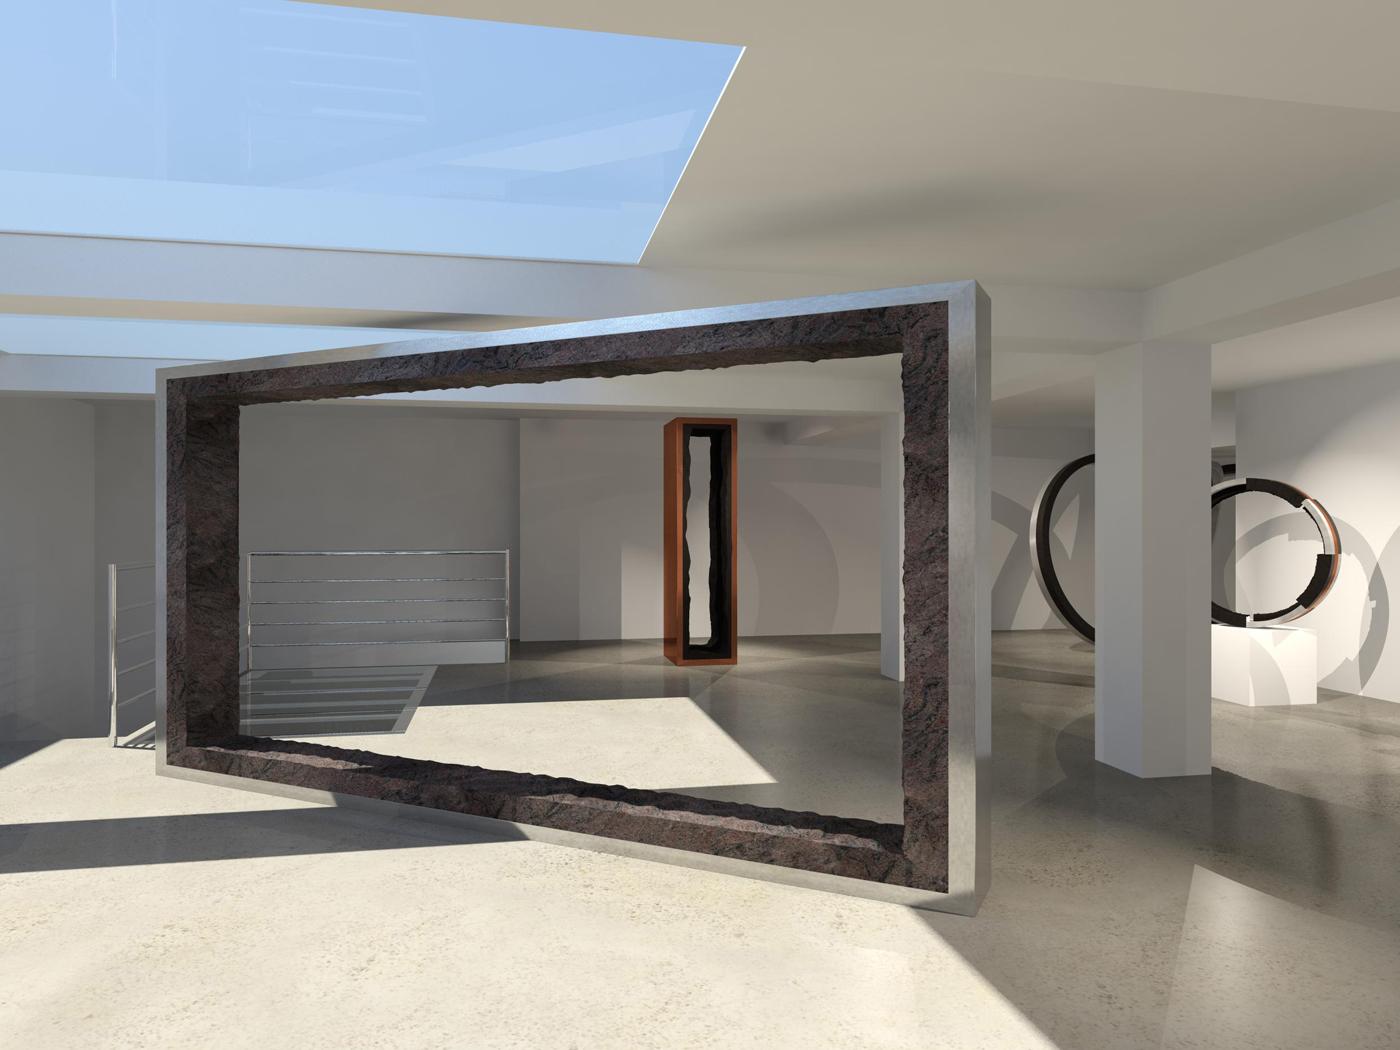 Escultura-en-espacio-interior02